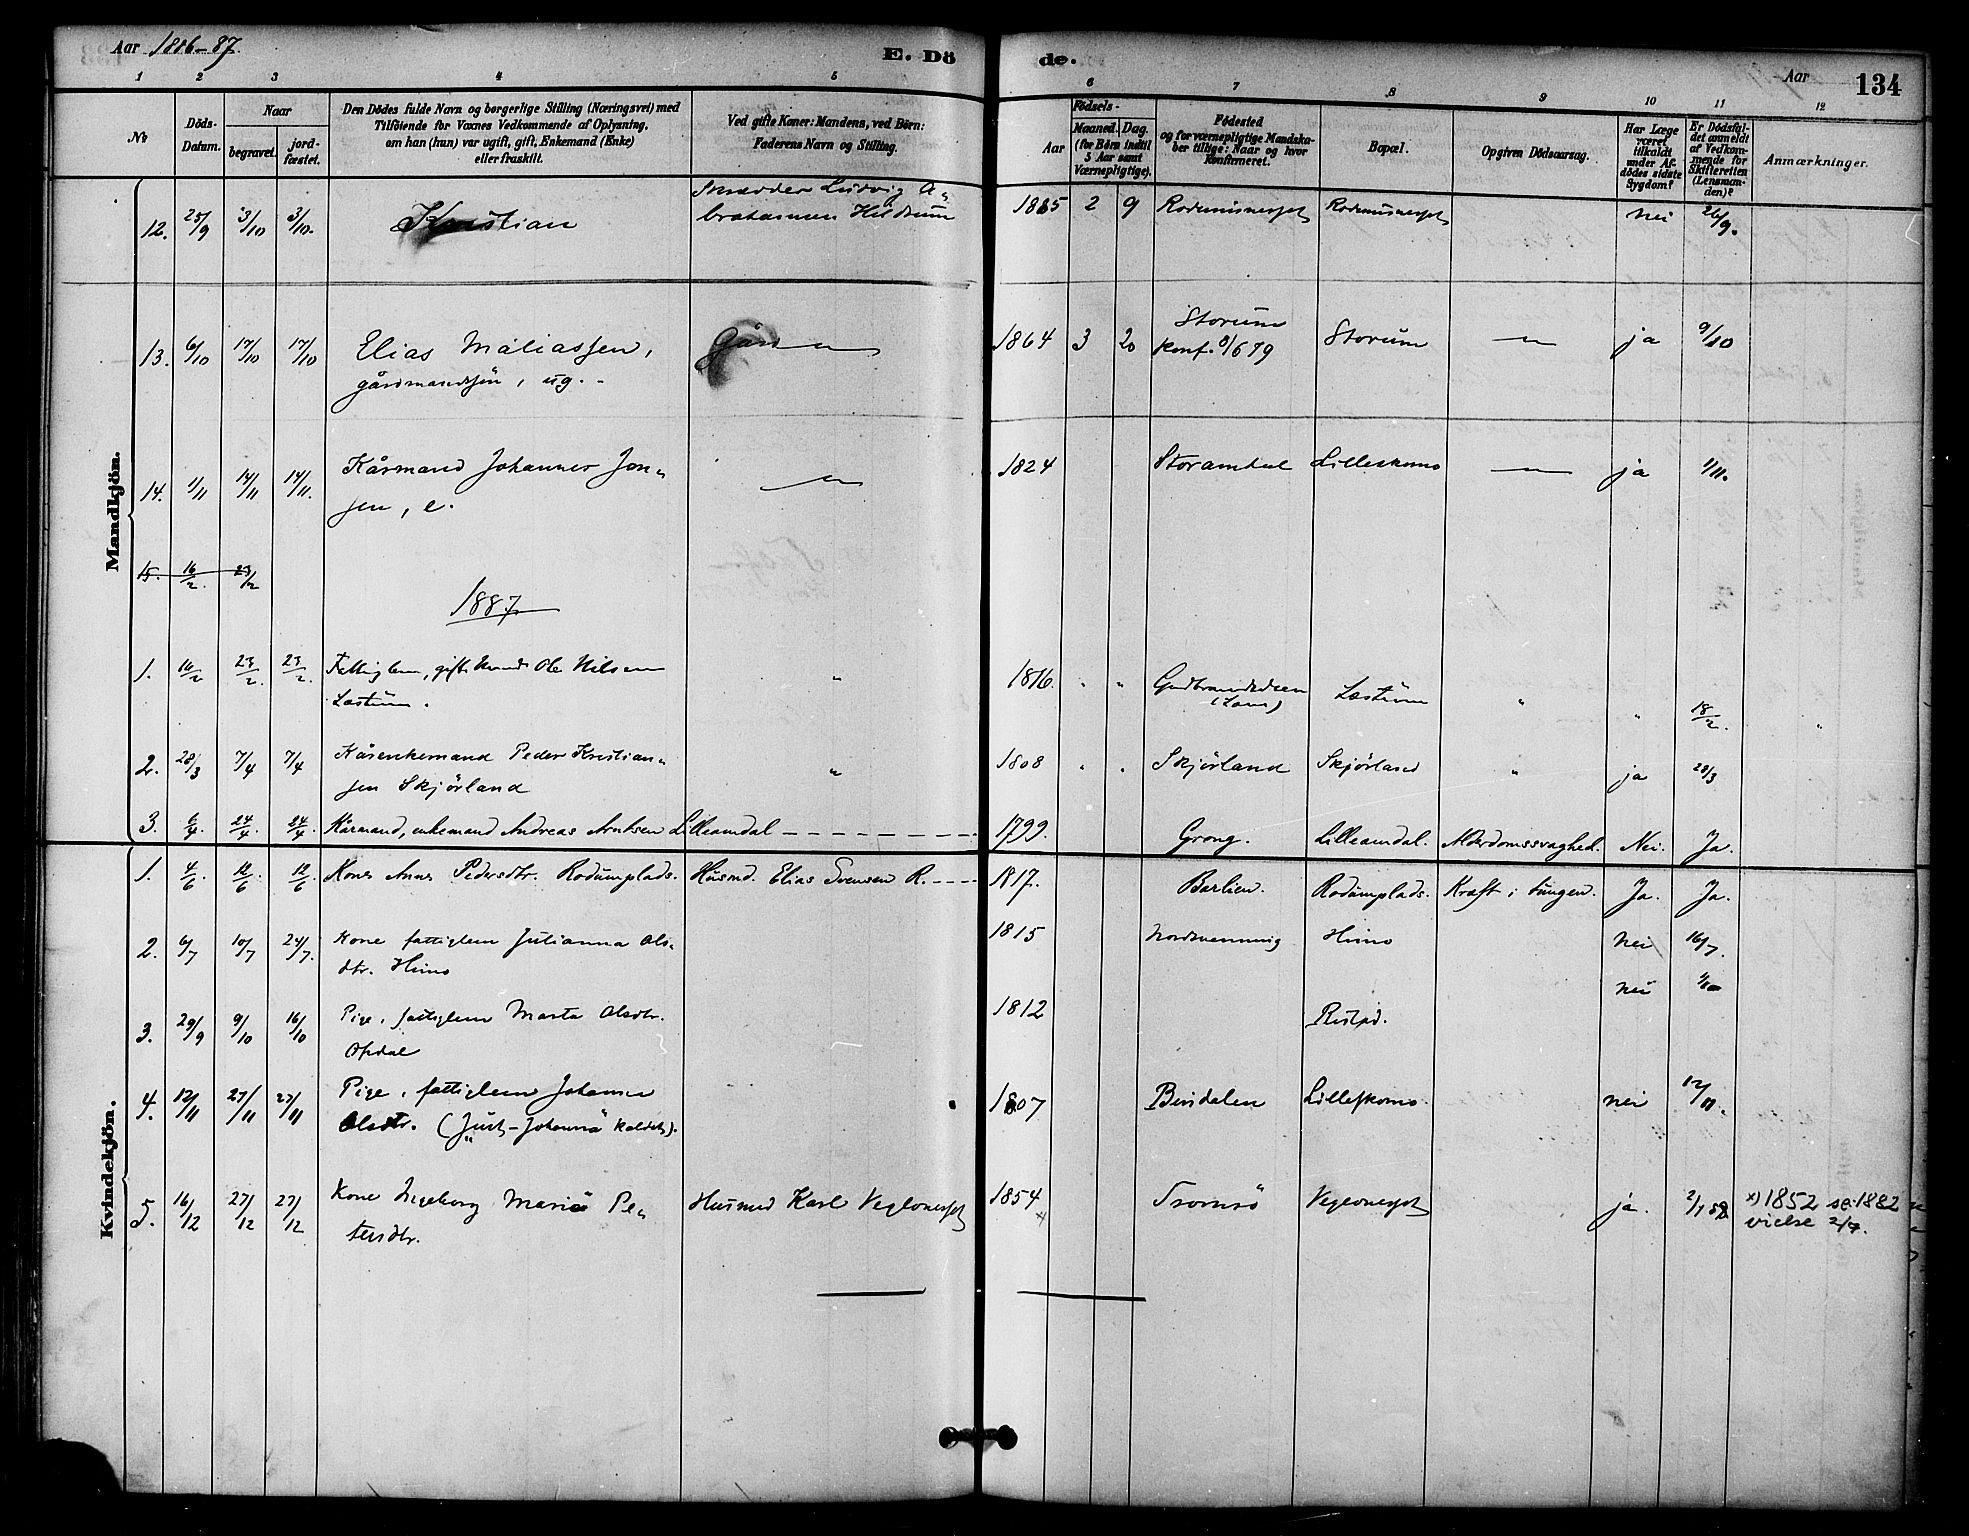 SAT, Ministerialprotokoller, klokkerbøker og fødselsregistre - Nord-Trøndelag, 764/L0555: Ministerialbok nr. 764A10, 1881-1896, s. 134